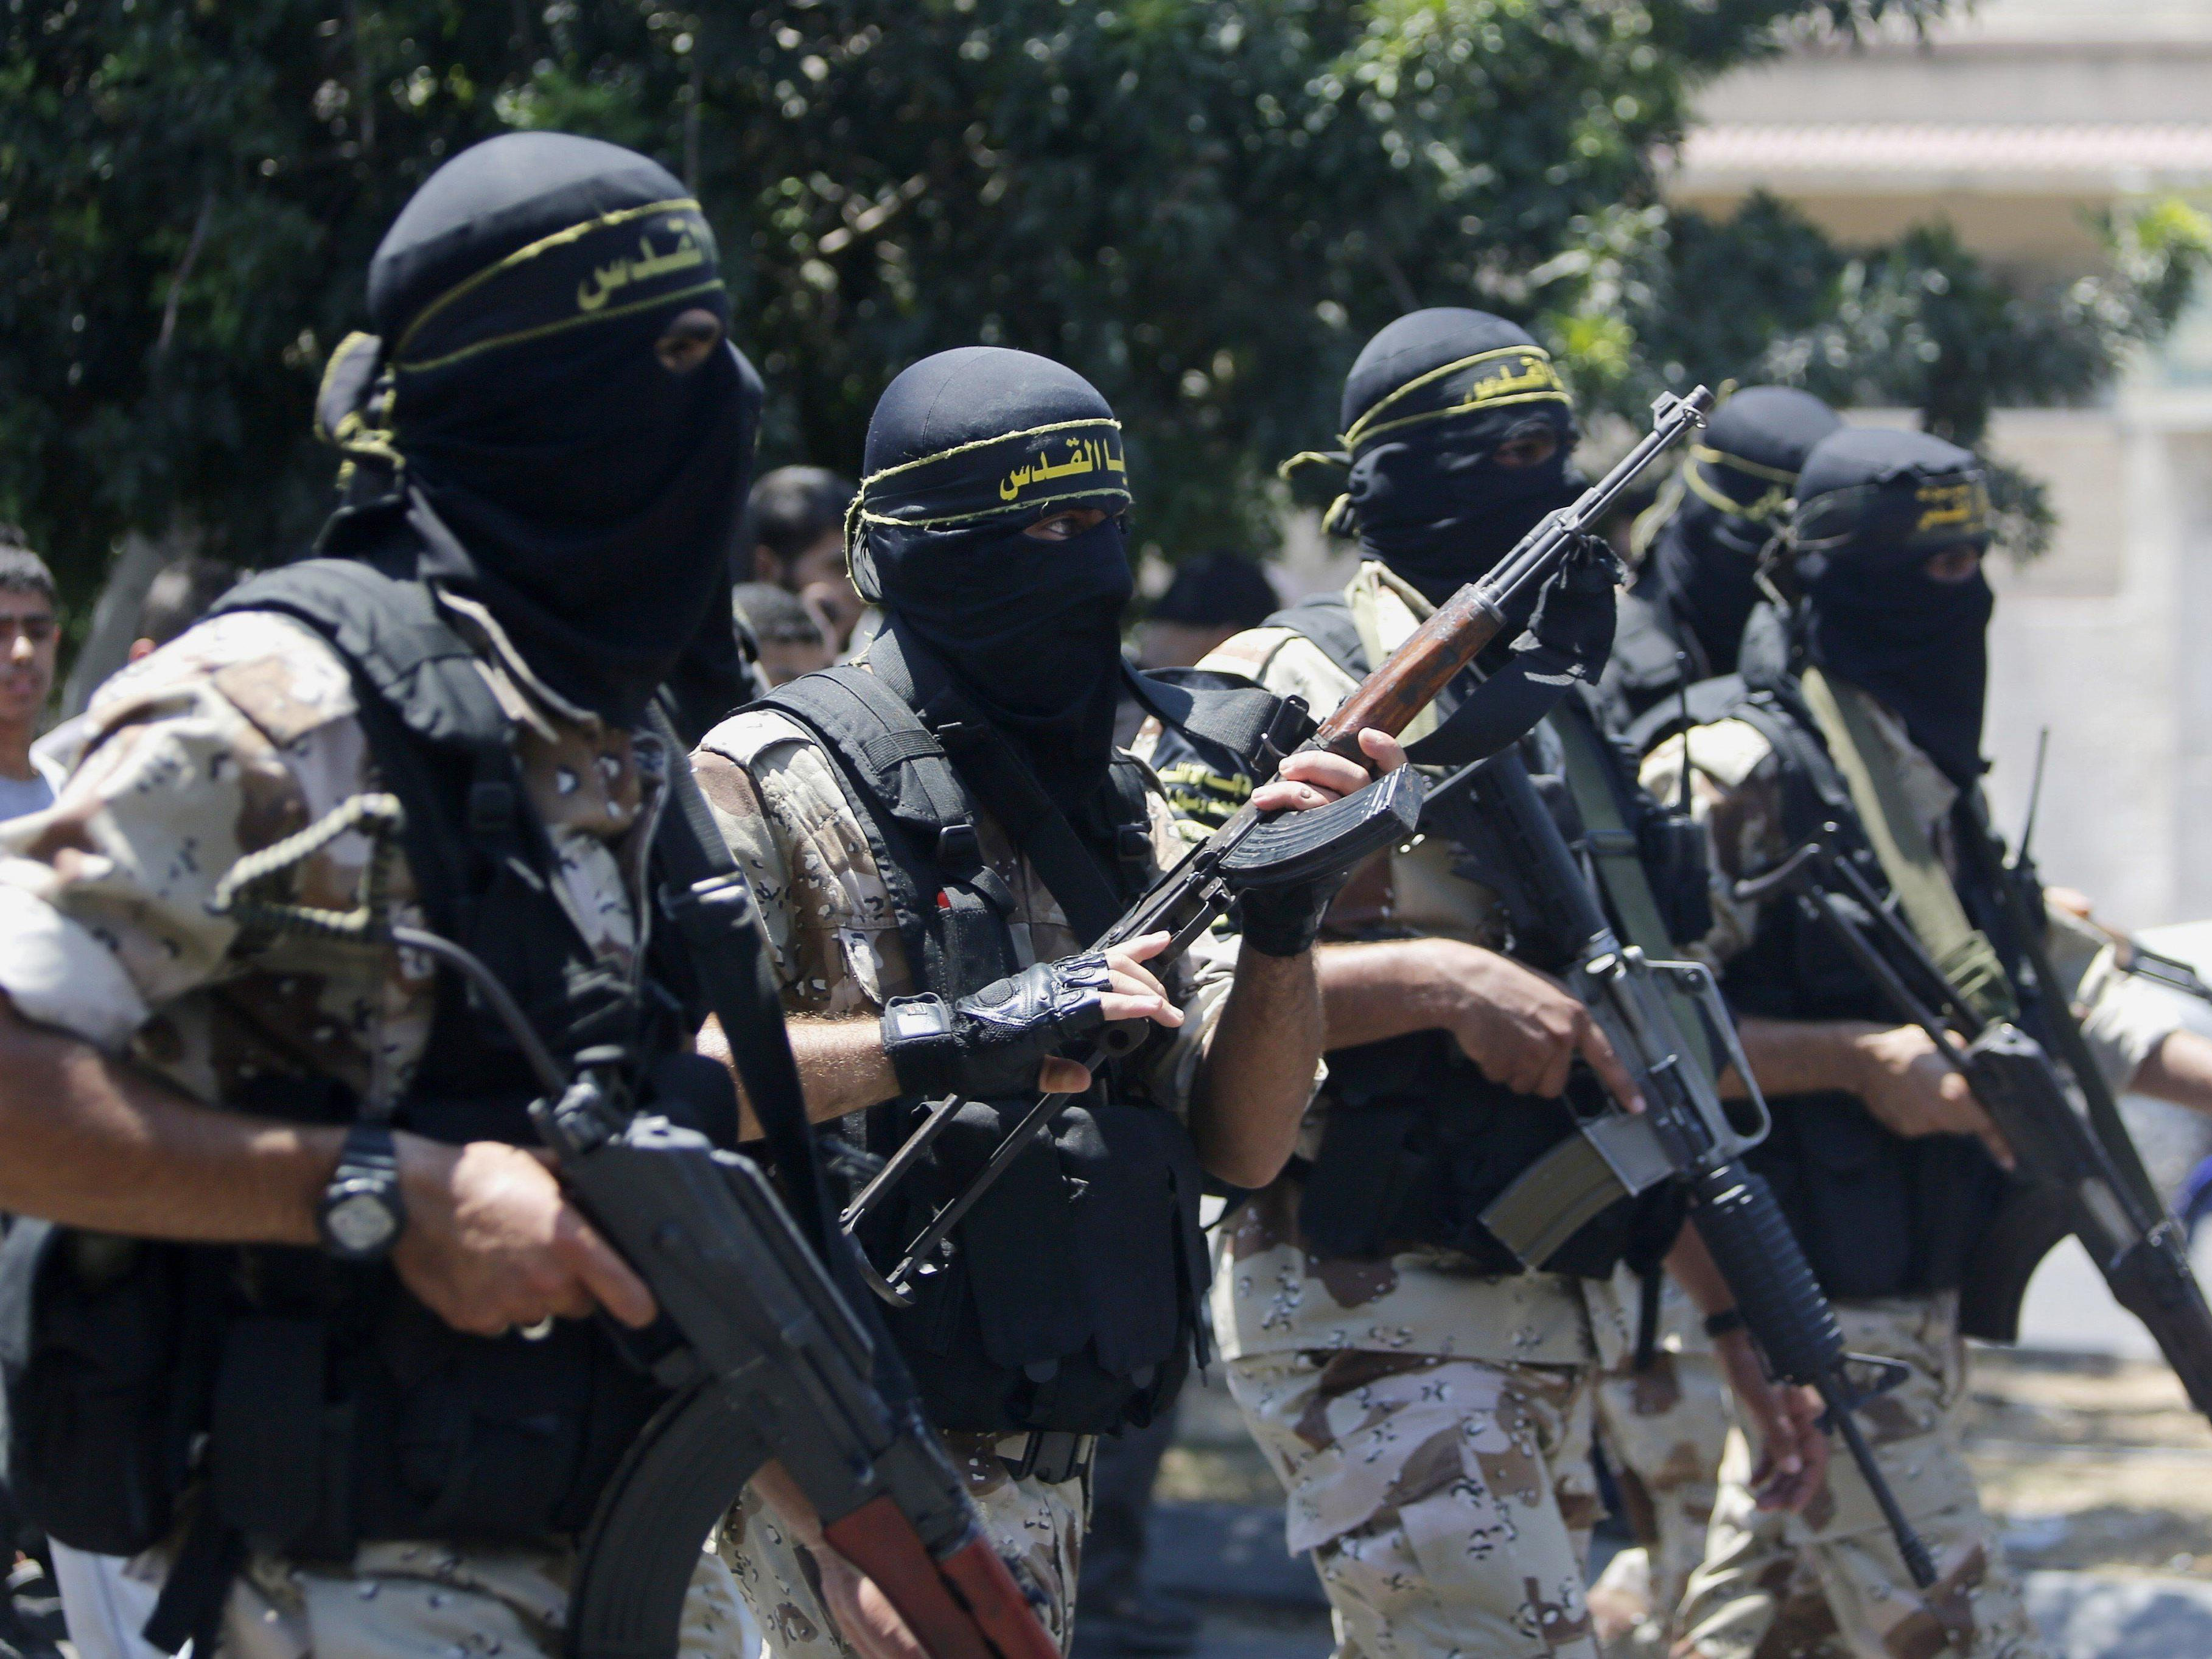 Drei Iraker vor diesem Hintergrund in U-Haft.